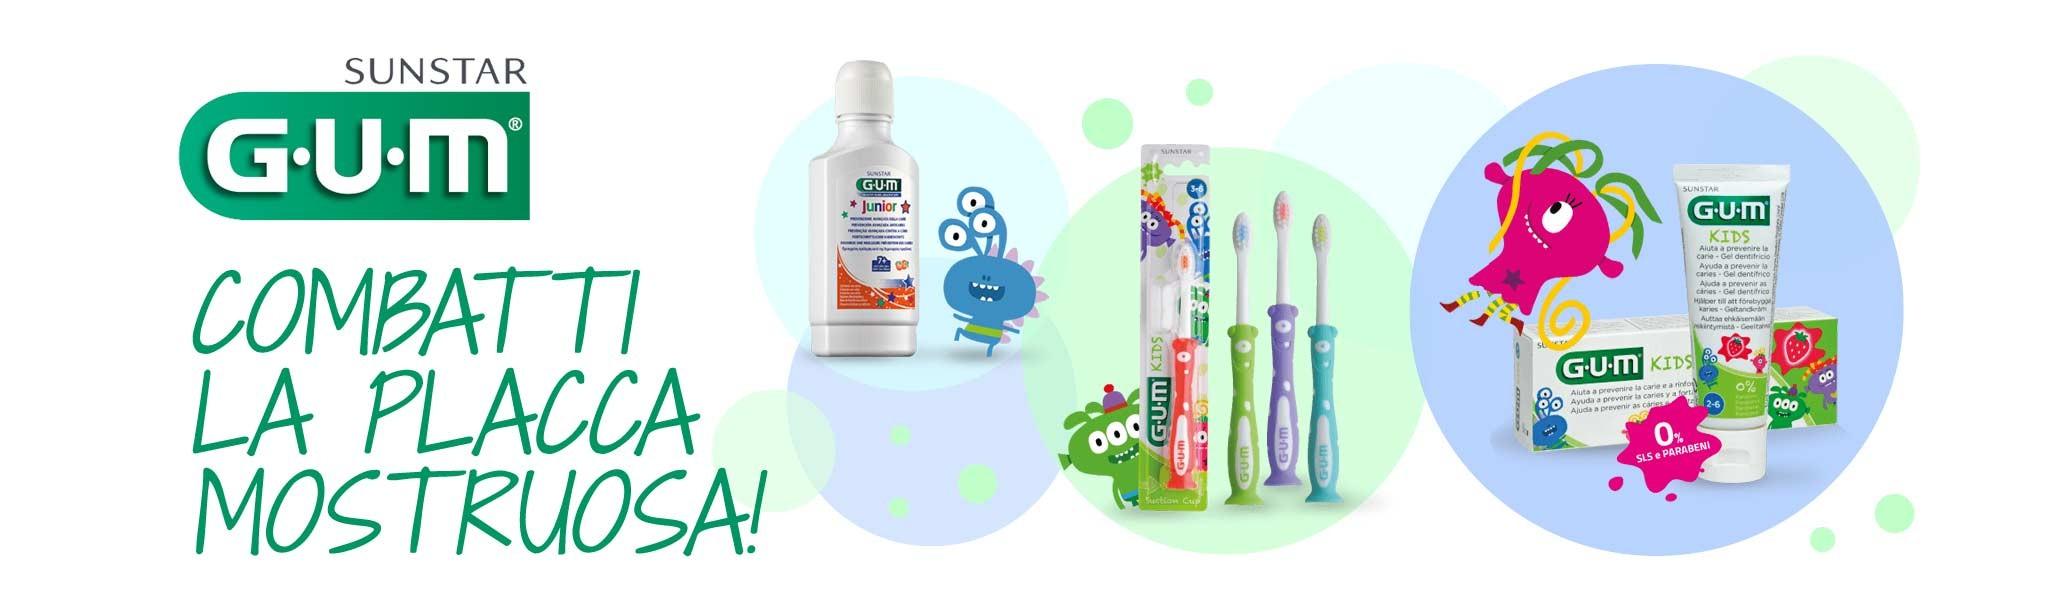 combatti la placca e le carie con i prodotti gum specifici per i bambini